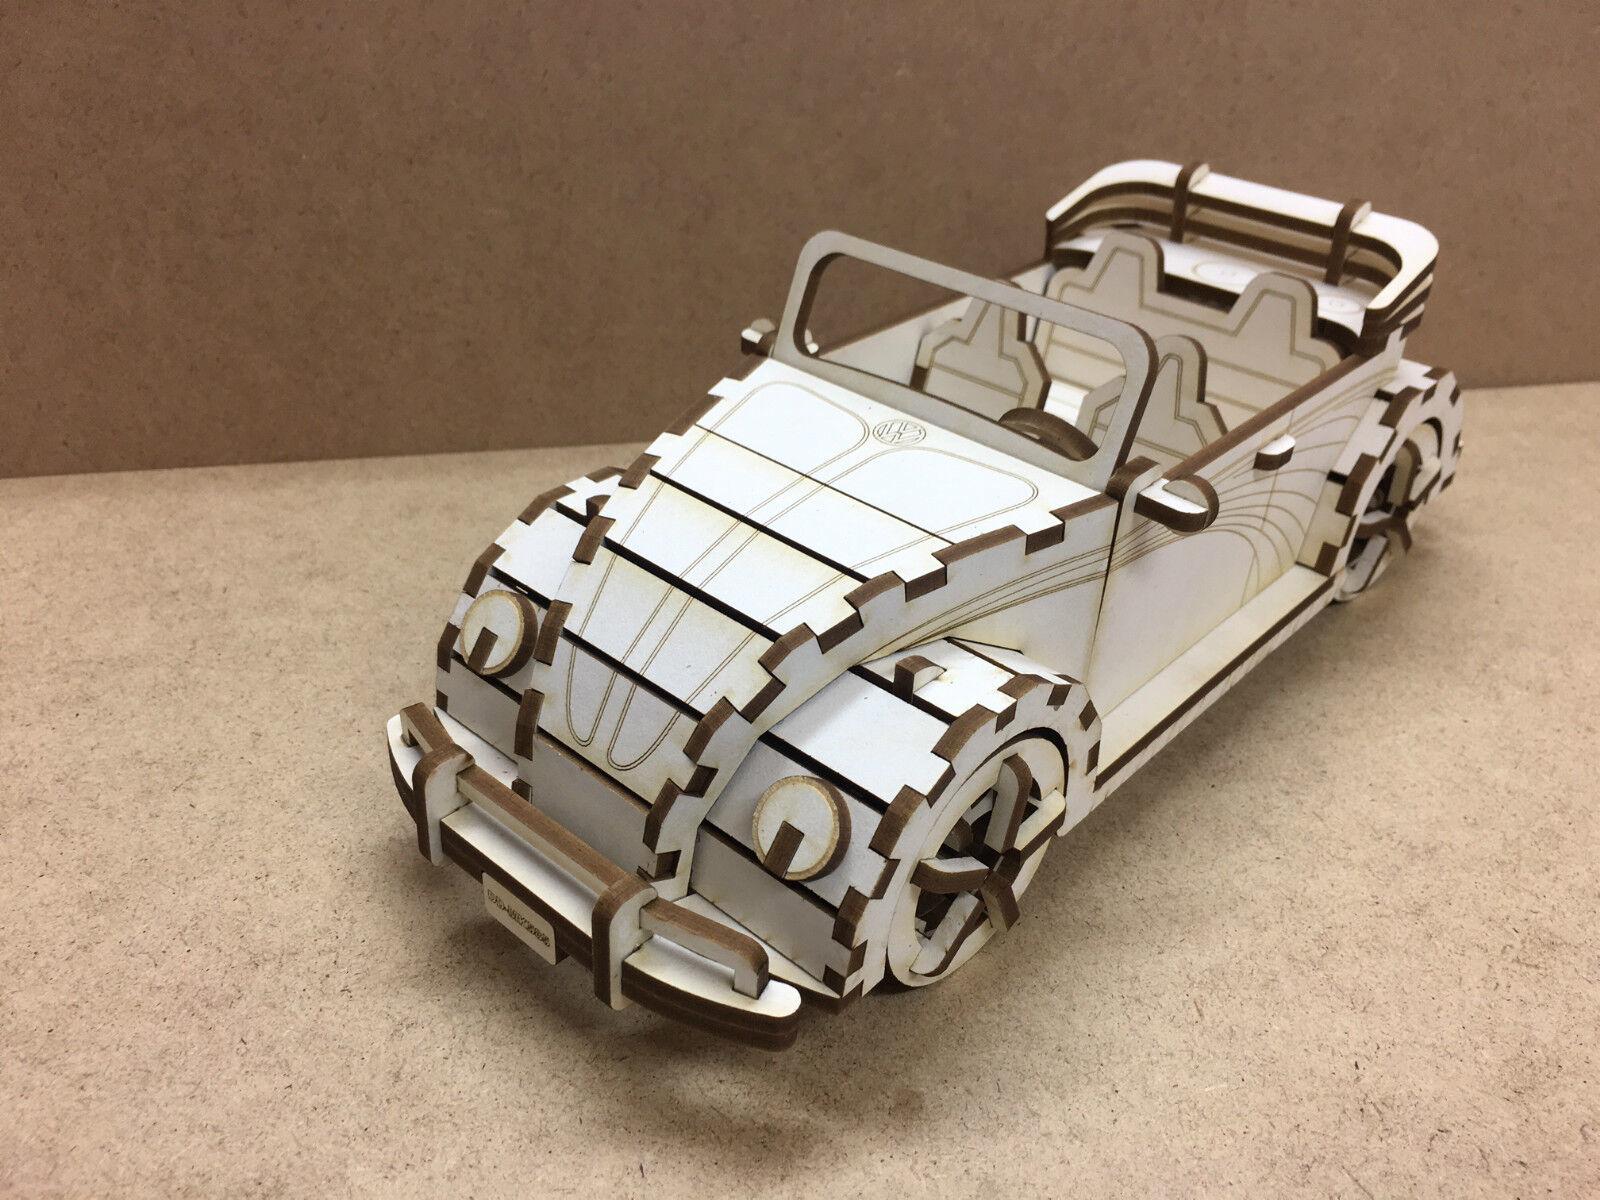 Modelo de coche VW ESCARABAJO 23 odr 30cm Puzzle Juego construcción Cabrio